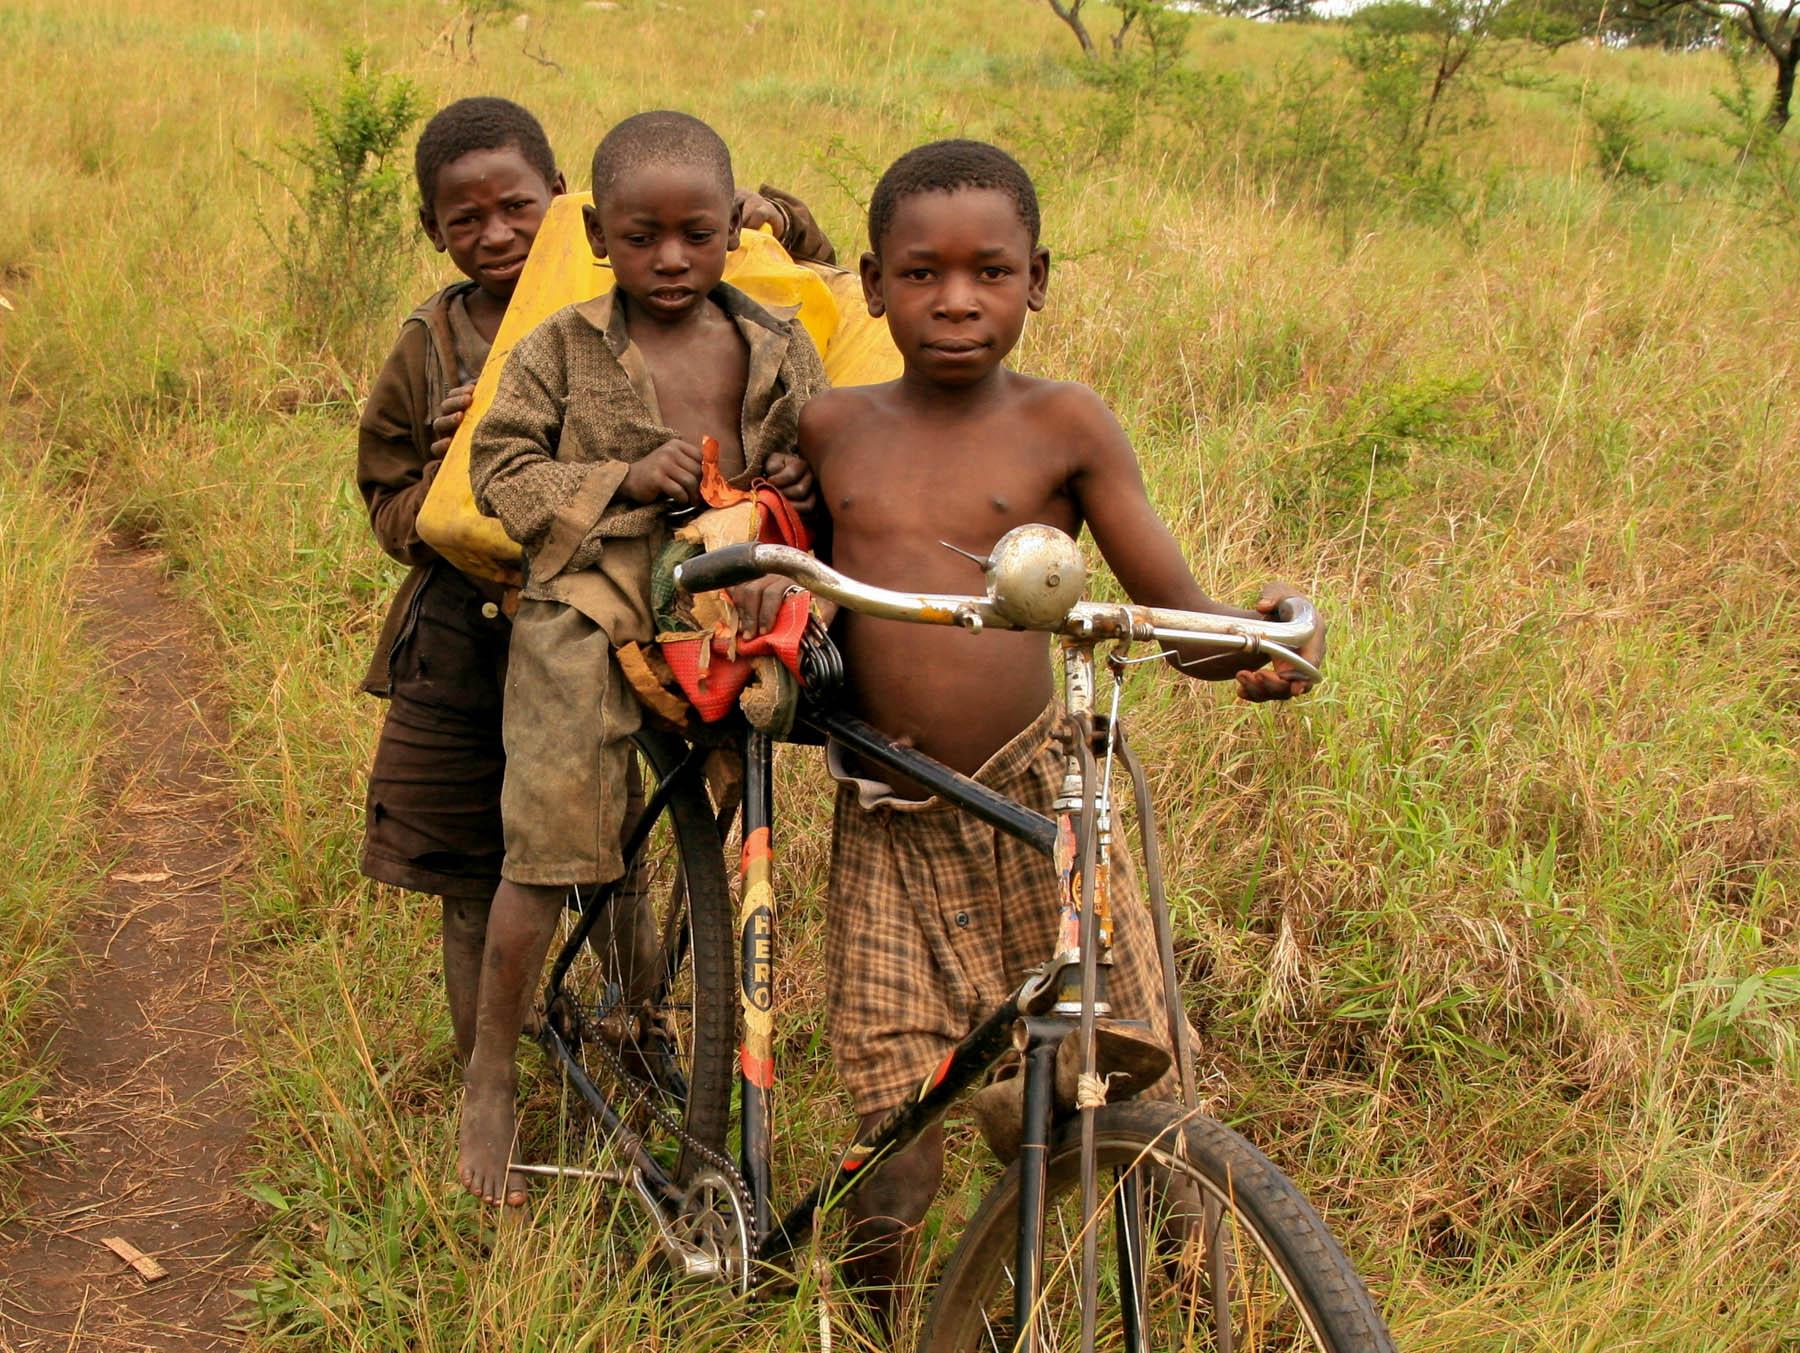 Kinder holen Wasser vom Brunnen